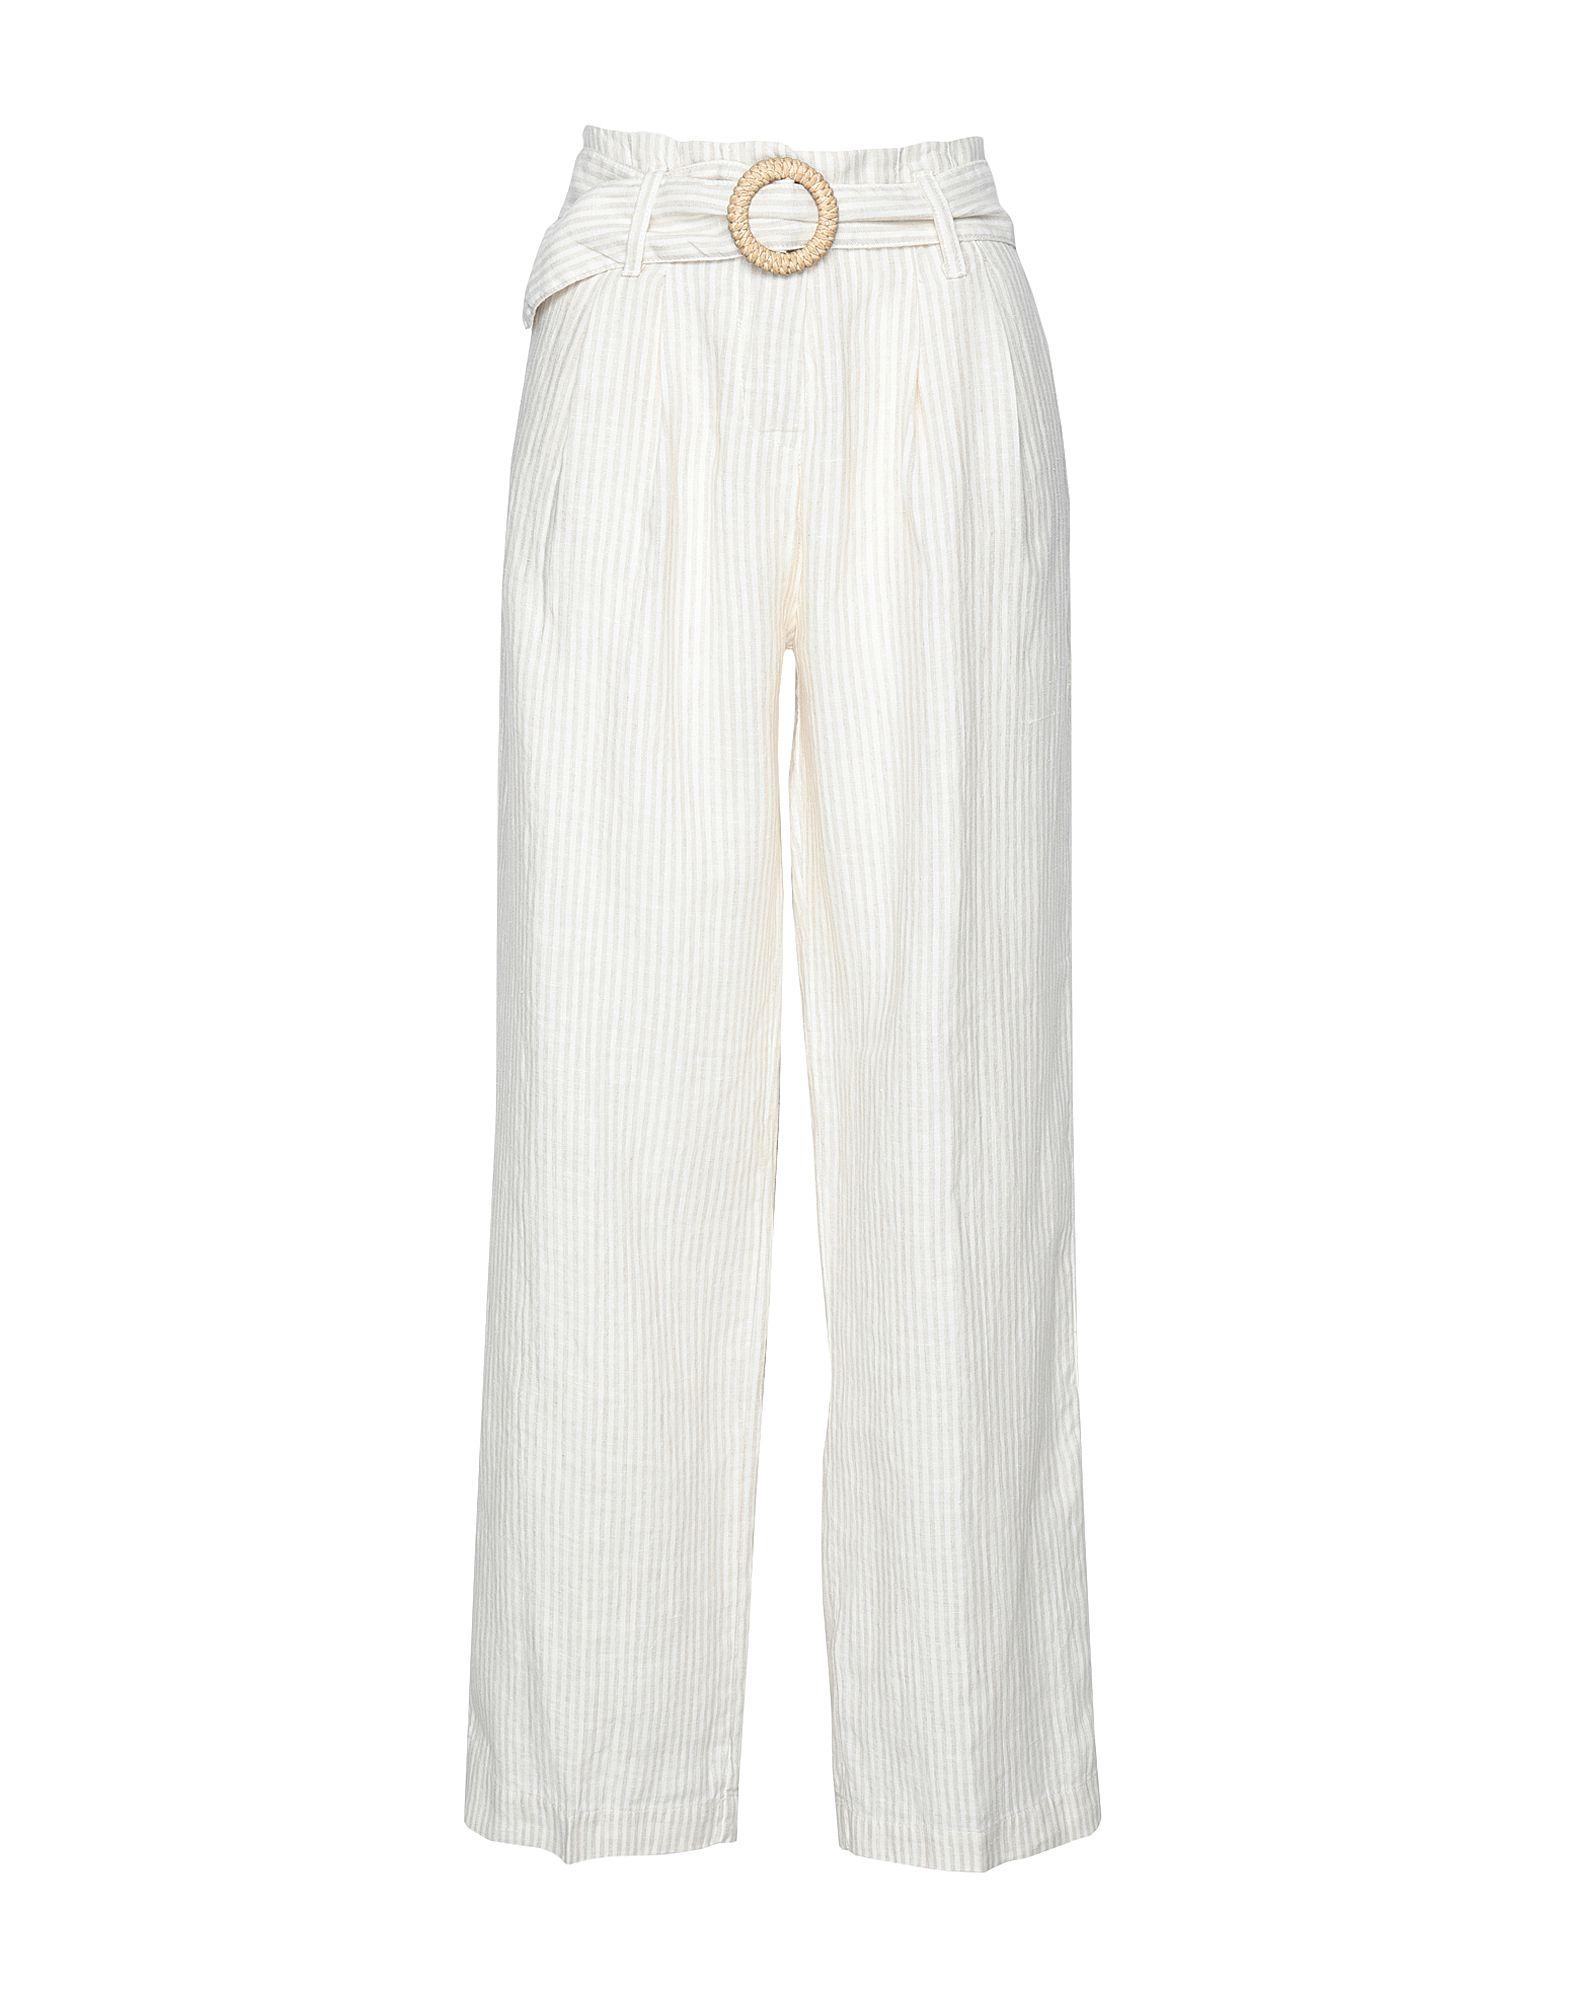 8 by YOOX Повседневные брюки наклейки объемные цветочный орнамент 8 8 15см ассорти 2 дизайна п п с европодвесом